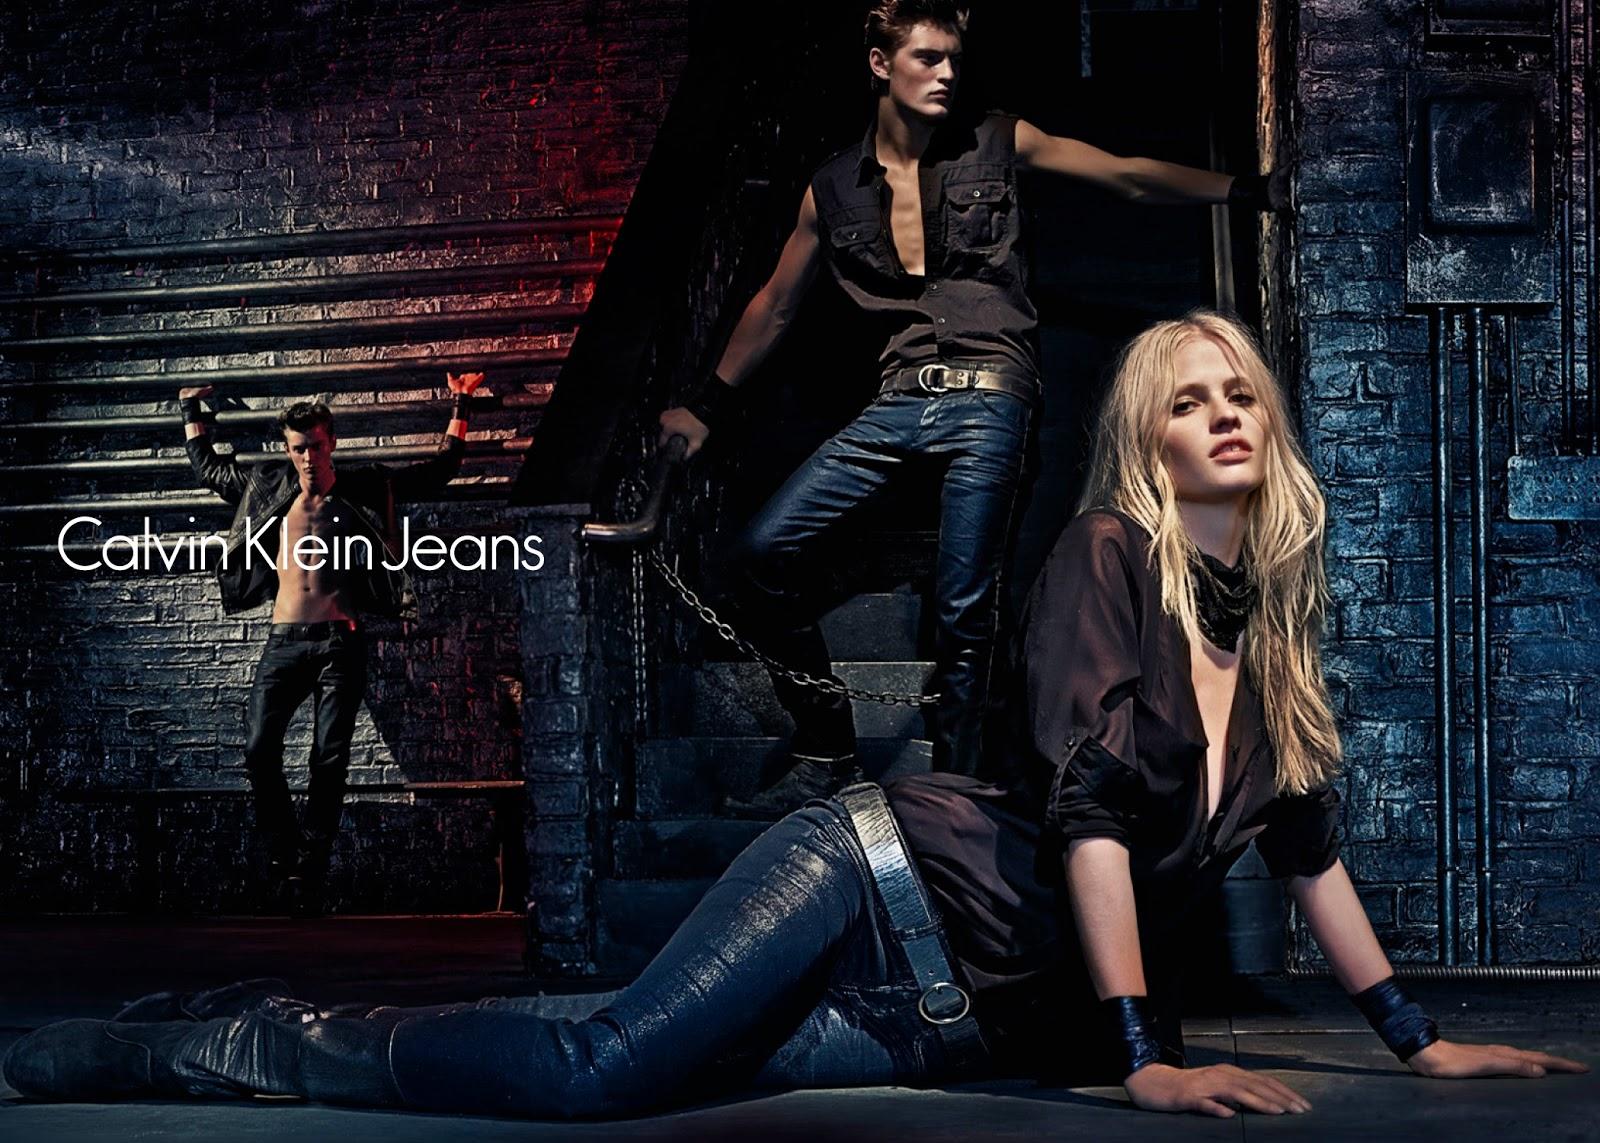 http://2.bp.blogspot.com/-10kLUKaeGyg/T_okrjM1sSI/AAAAAAAAM58/PGbcbH6euZc/s1600/calvin-klein-jeans-f12-m+w_ph_klein,steven_sp09.jpg